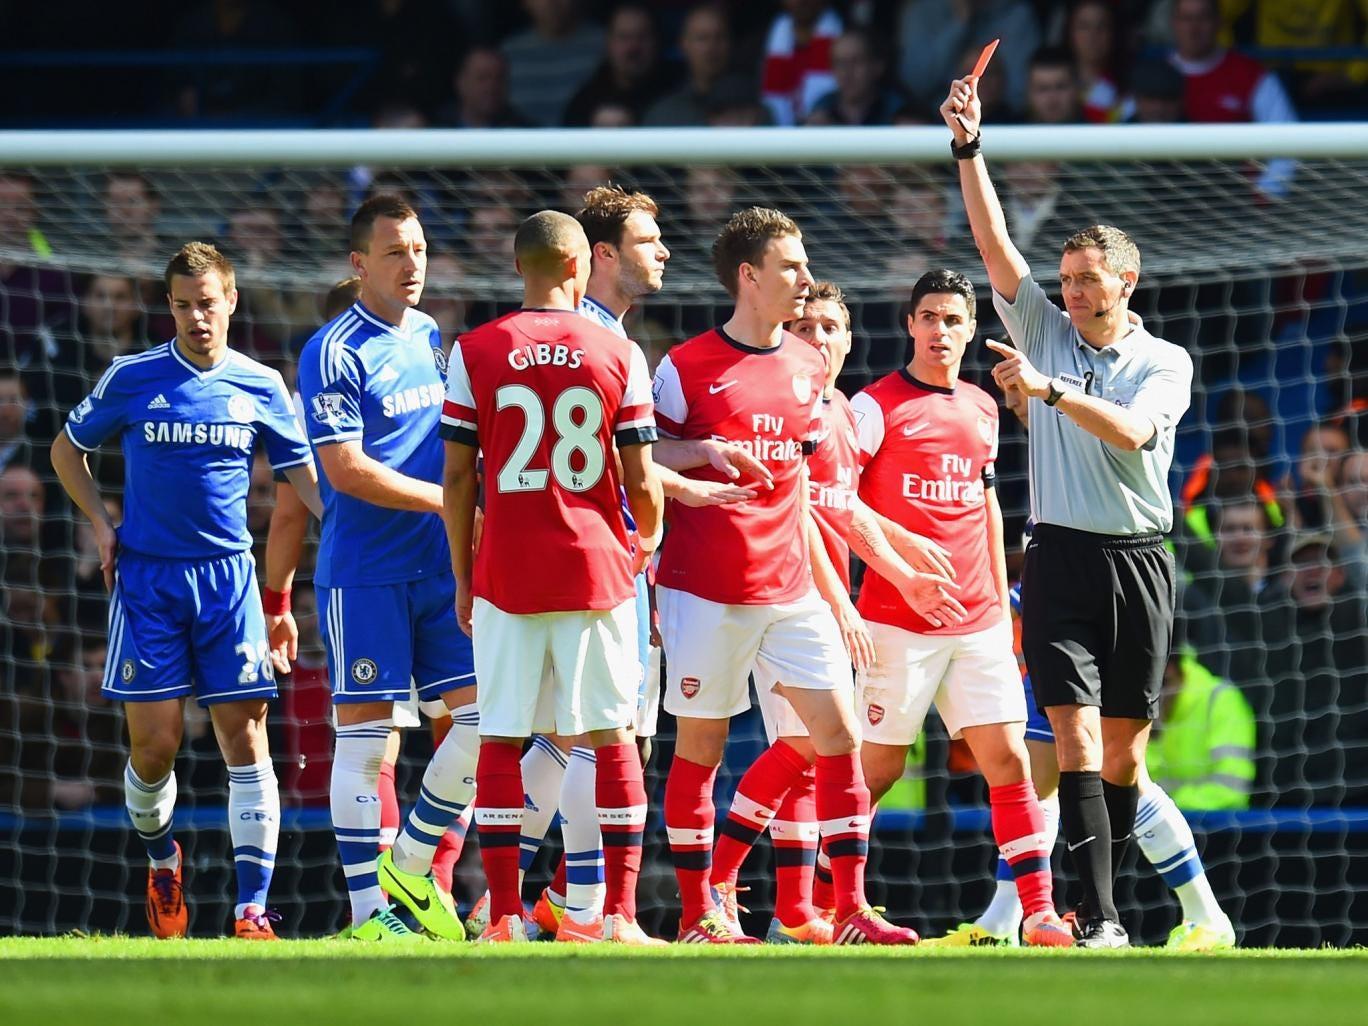 Andre Marriner sends off Arsenal's Kieran Gibbs last week in a case of mistaken identity